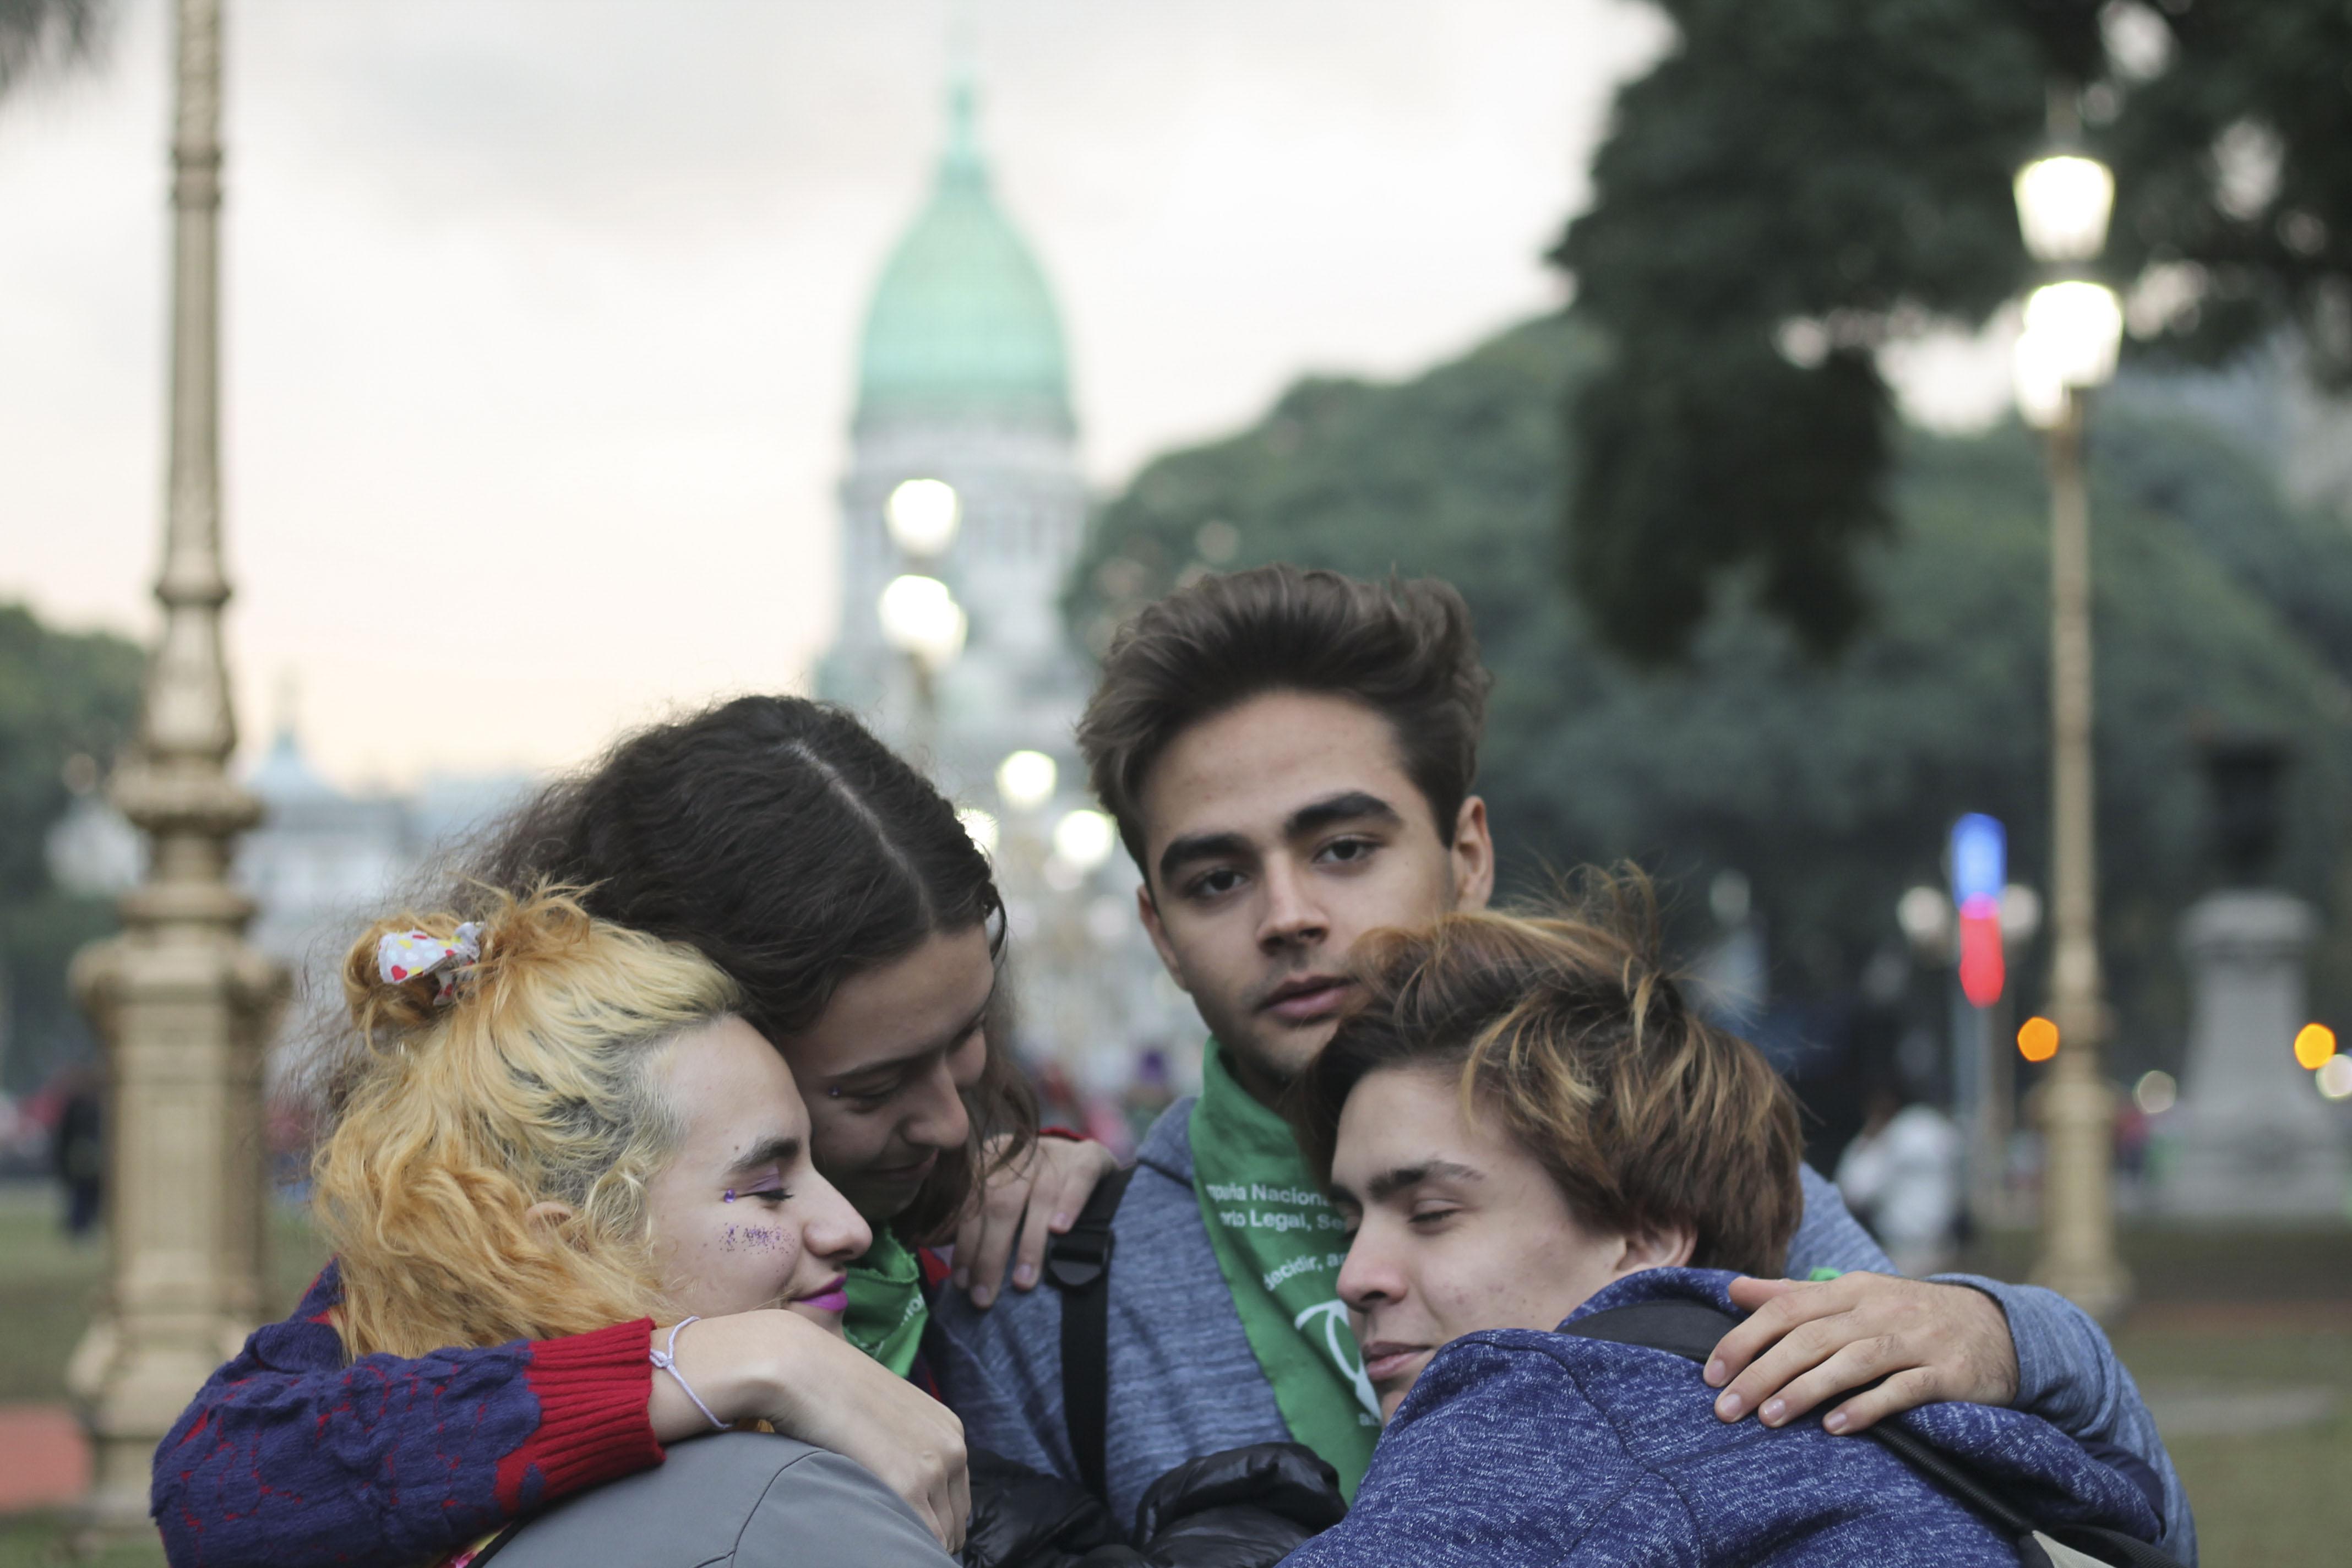 Camila, la chica rubia, junto a sus compañeros en la marcha.